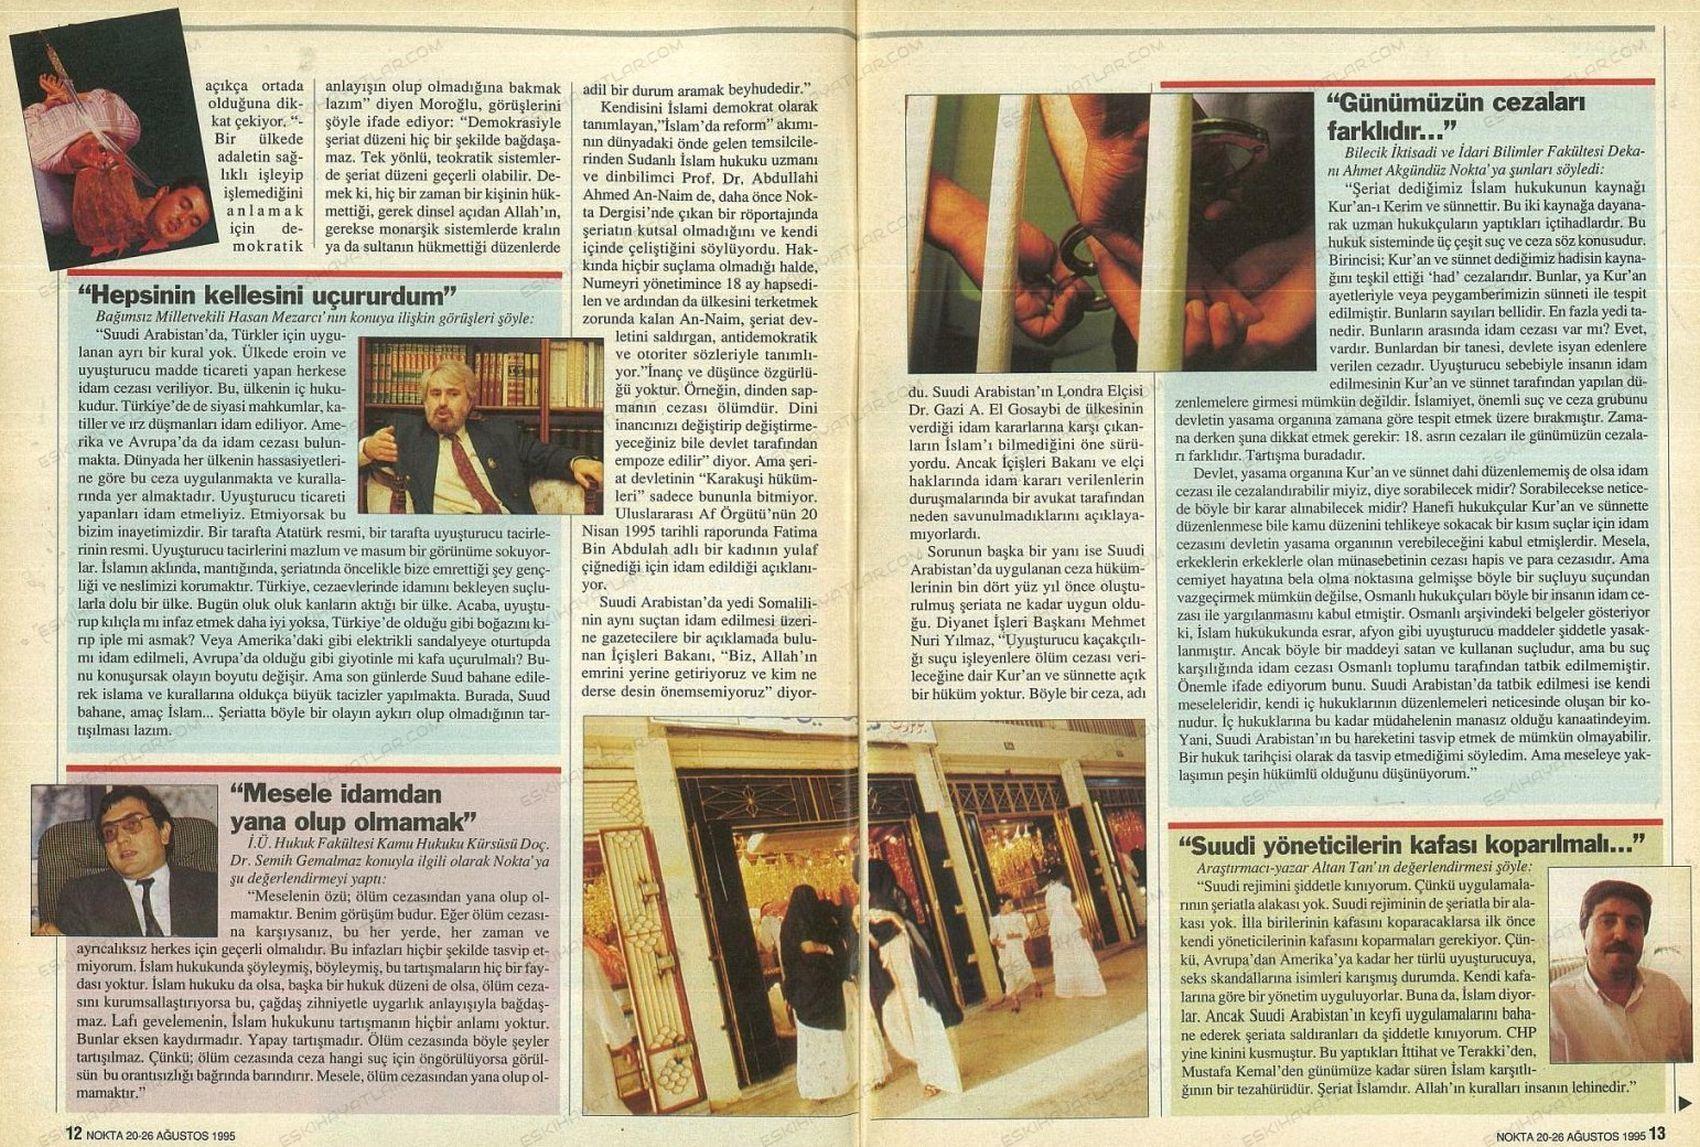 0216-islam-ulkelerinde-seriat-nasildir-1995-nokta-dergisi-carsaf-giyen-kadinlar (4)